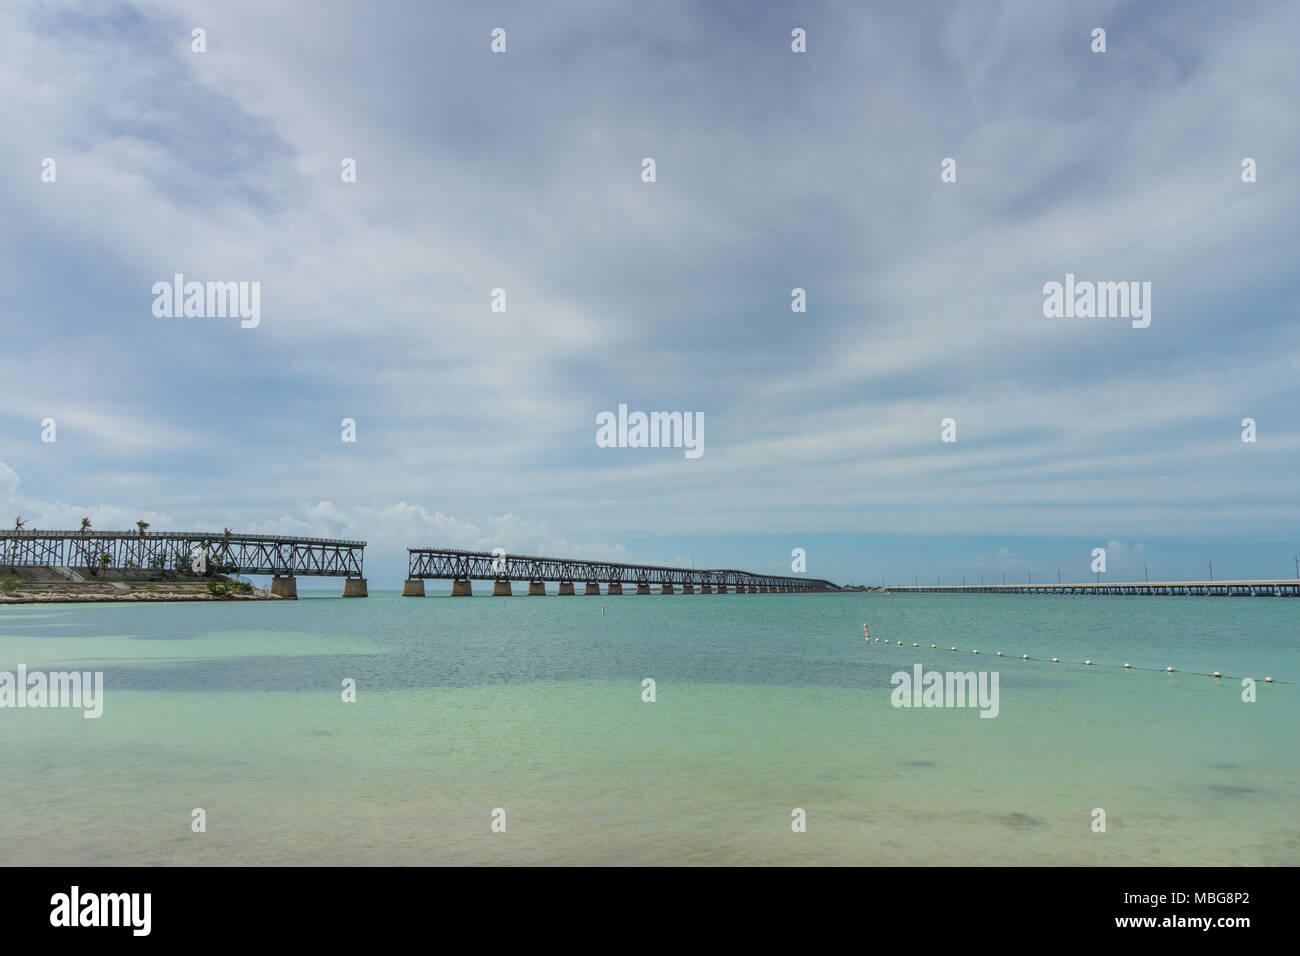 Stati Uniti d'America, Florida, Oltremare antico ponte ferroviario a Bahia Honda state park dalla spiaggia Immagini Stock